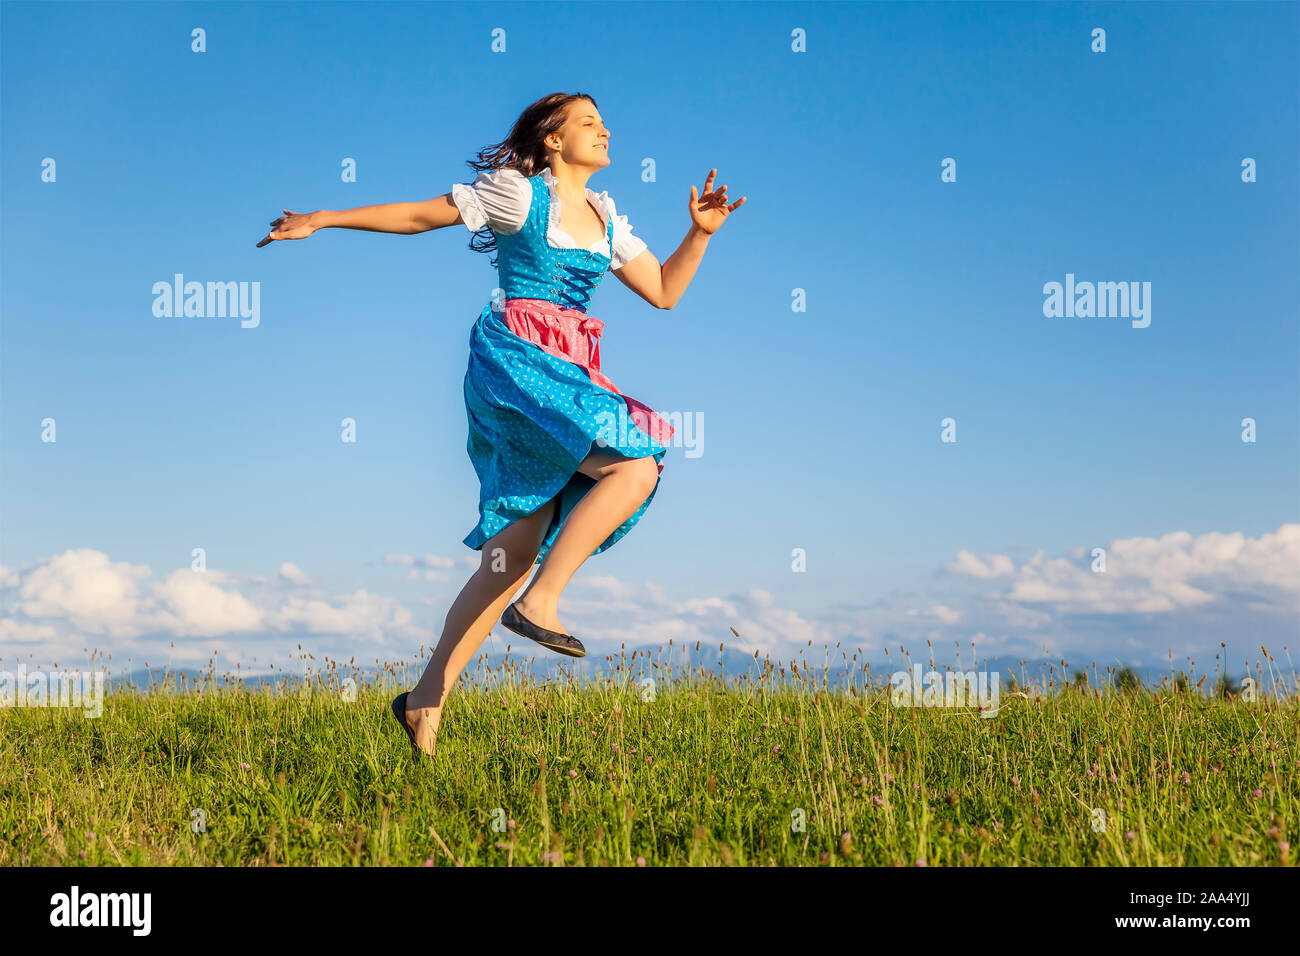 Eine hübsche Frau Junge, die Ein klassisches bayerisches Trachtengewand traegt Foto de stock